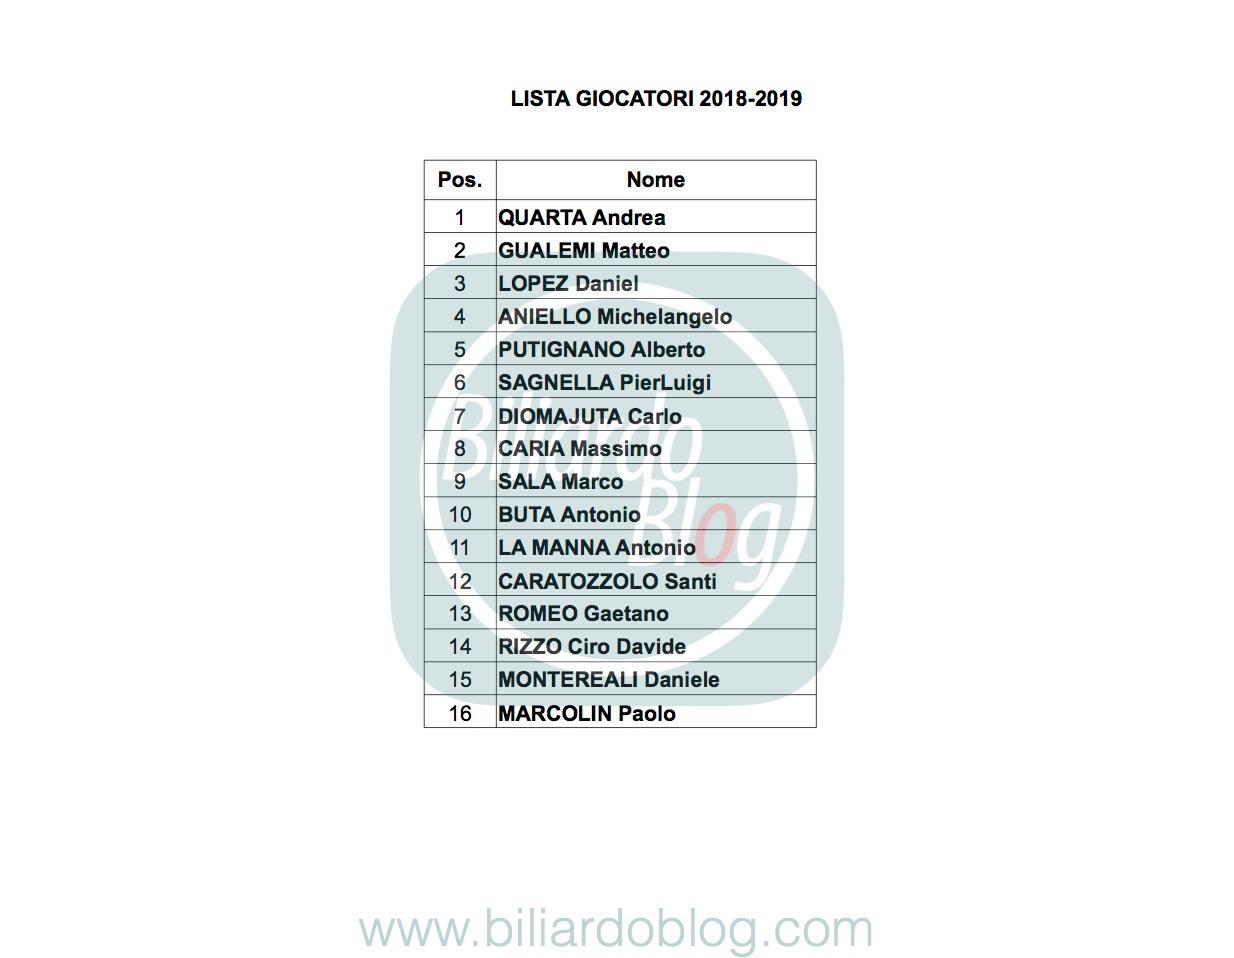 Campionato Italiano di Biliardo 2018 2019: i Pro